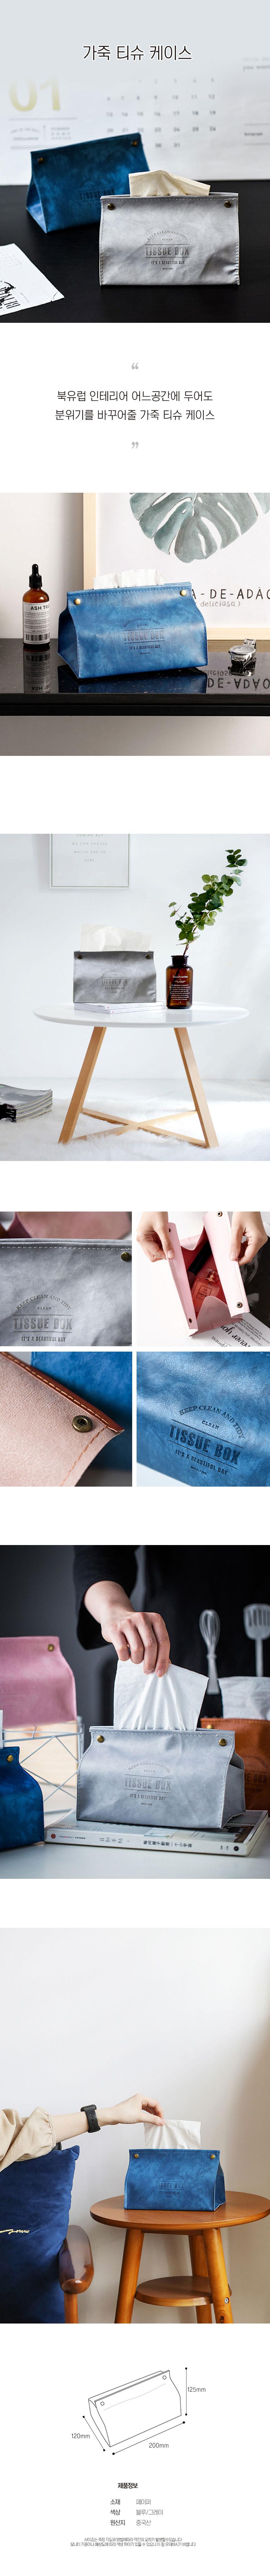 가죽 티슈 미니 커버케이스 - 사인모아, 7,300원, 장식소품, 소품케이스